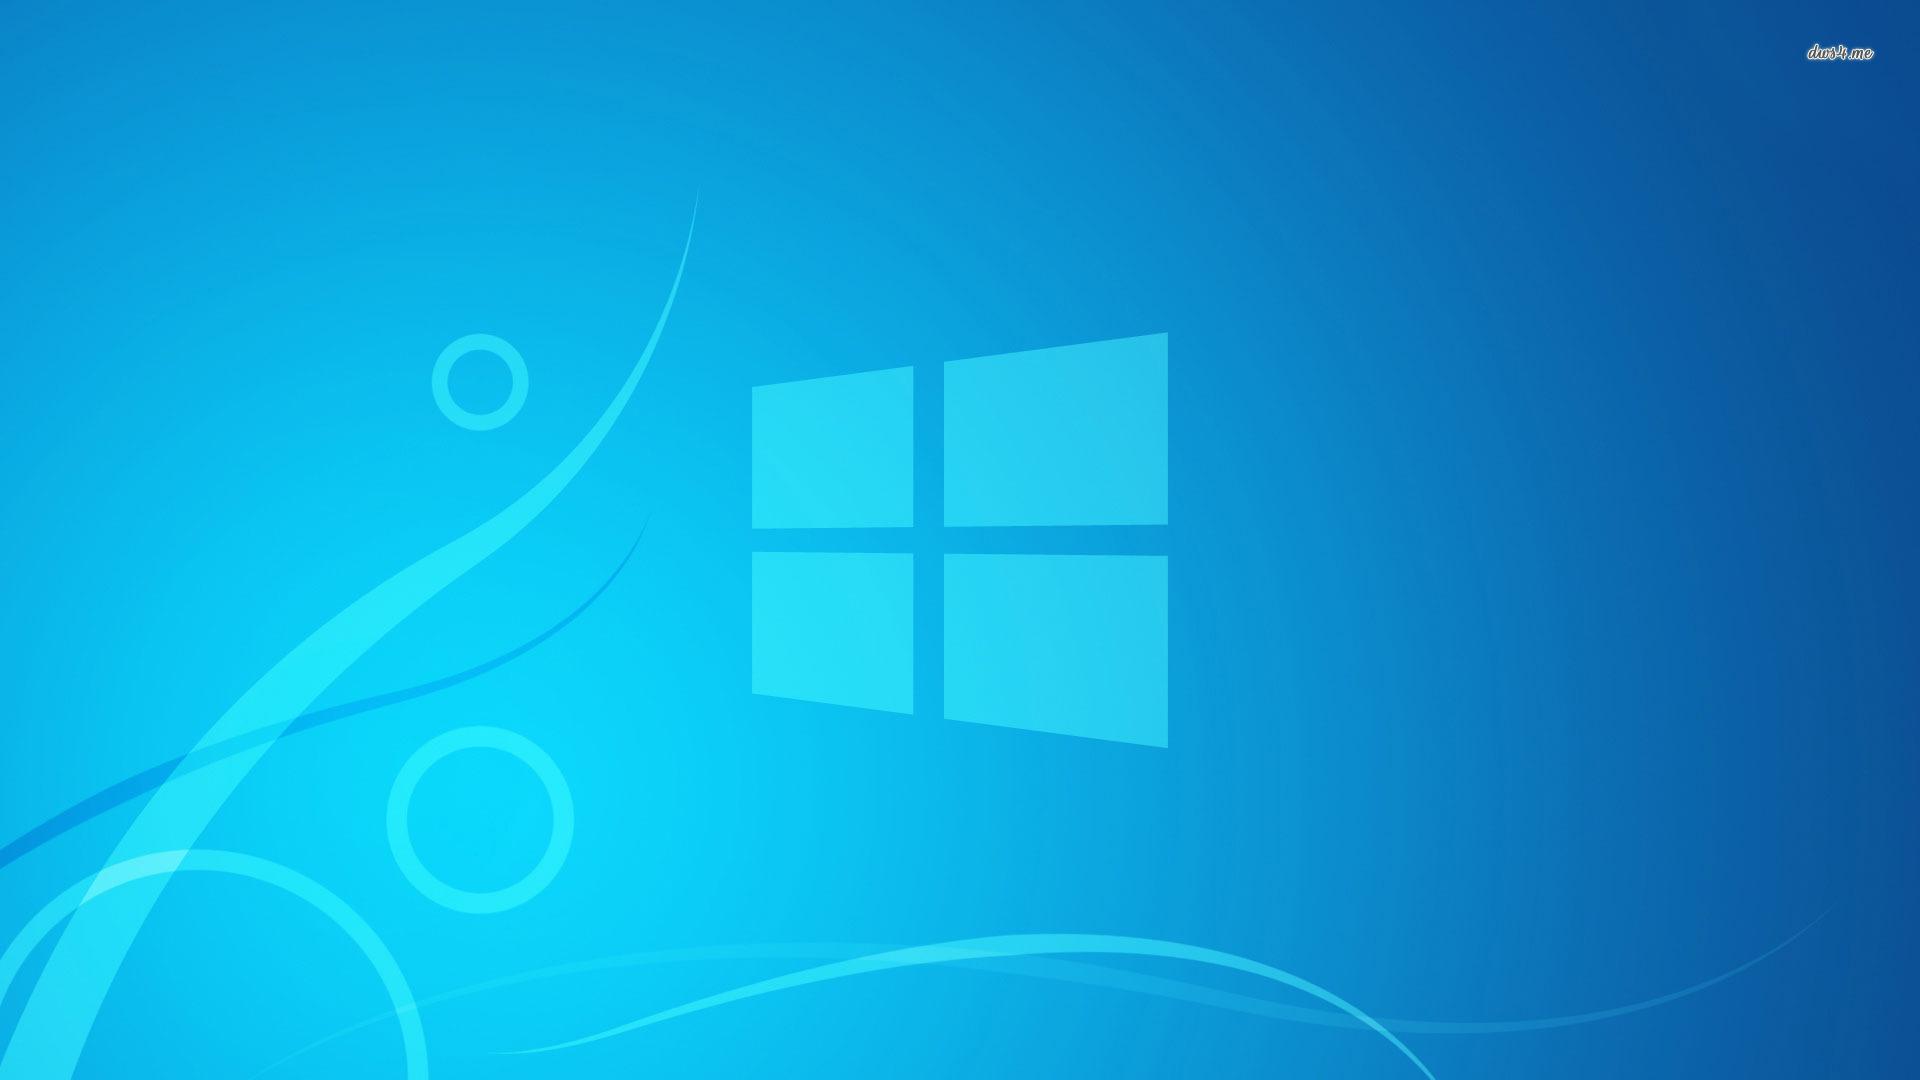 coders windows fan - photo #3